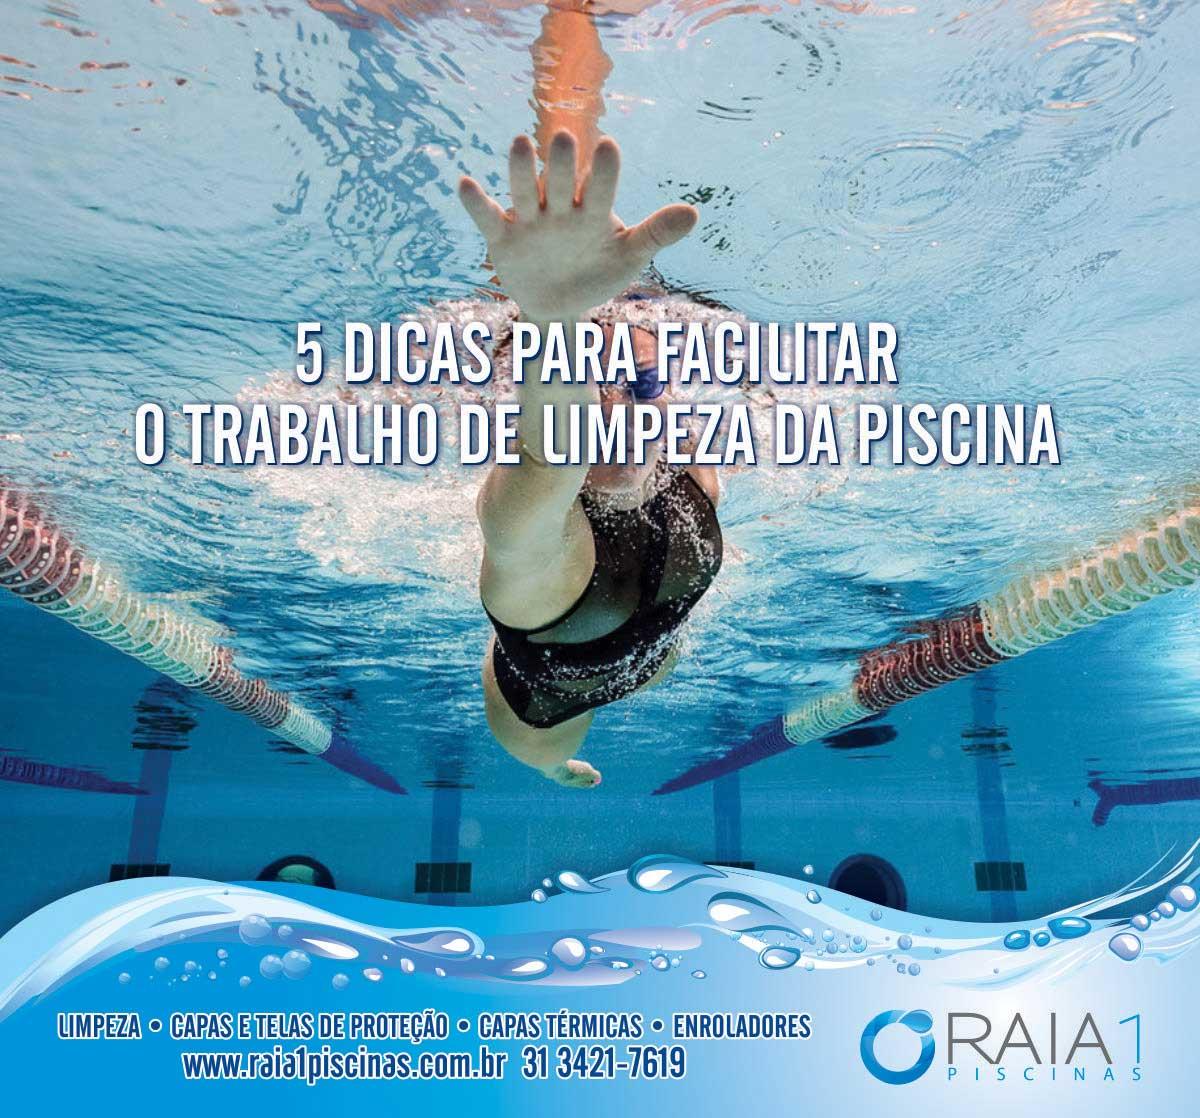 5-dicas-para-facilitar-a-limpeza-de-piscina-bh